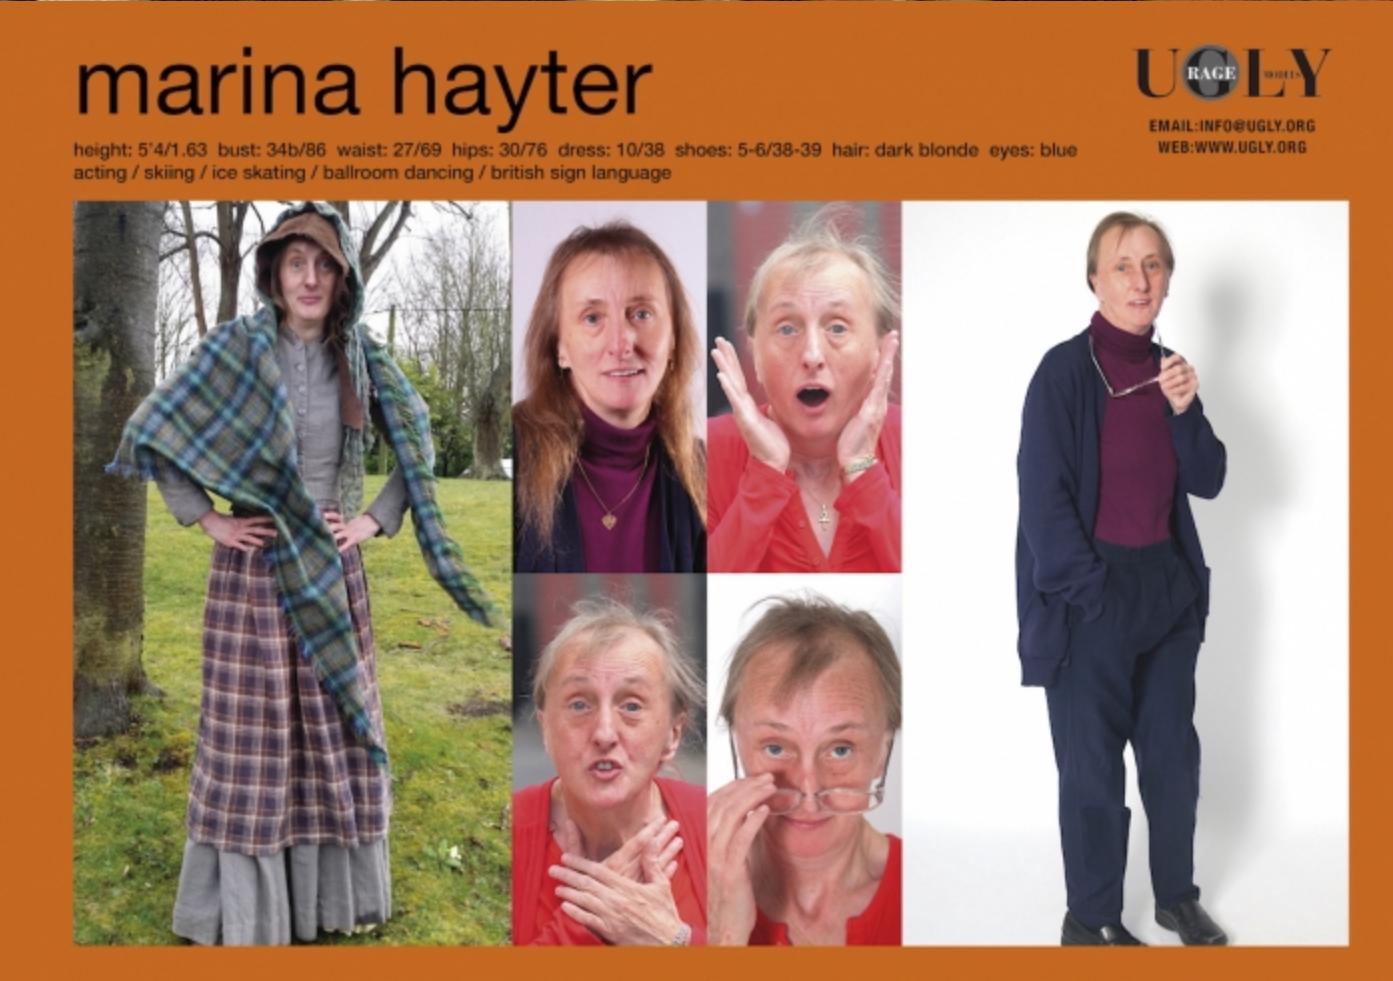 Lynn Marina Hayter BBC Newsnight